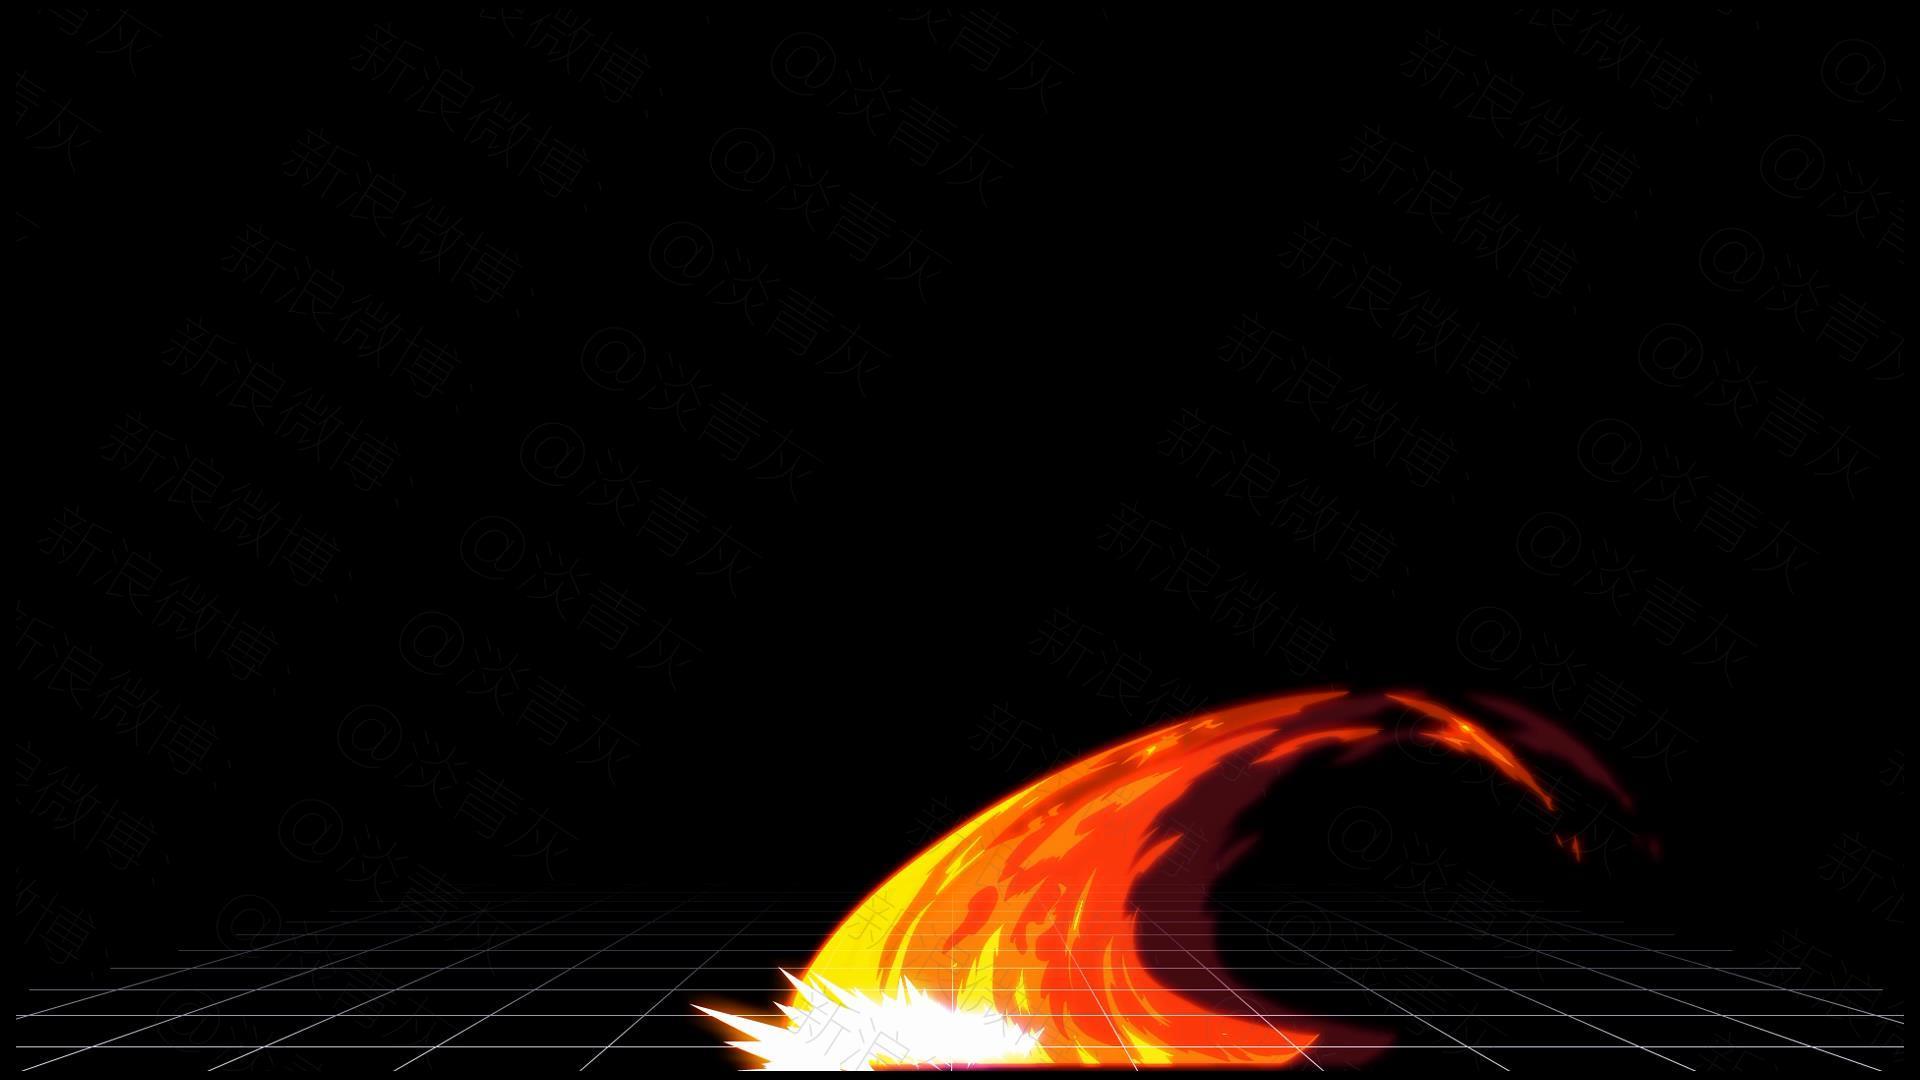 flash 手绘特效|动漫|动画片|淡青灰 - 原创作品